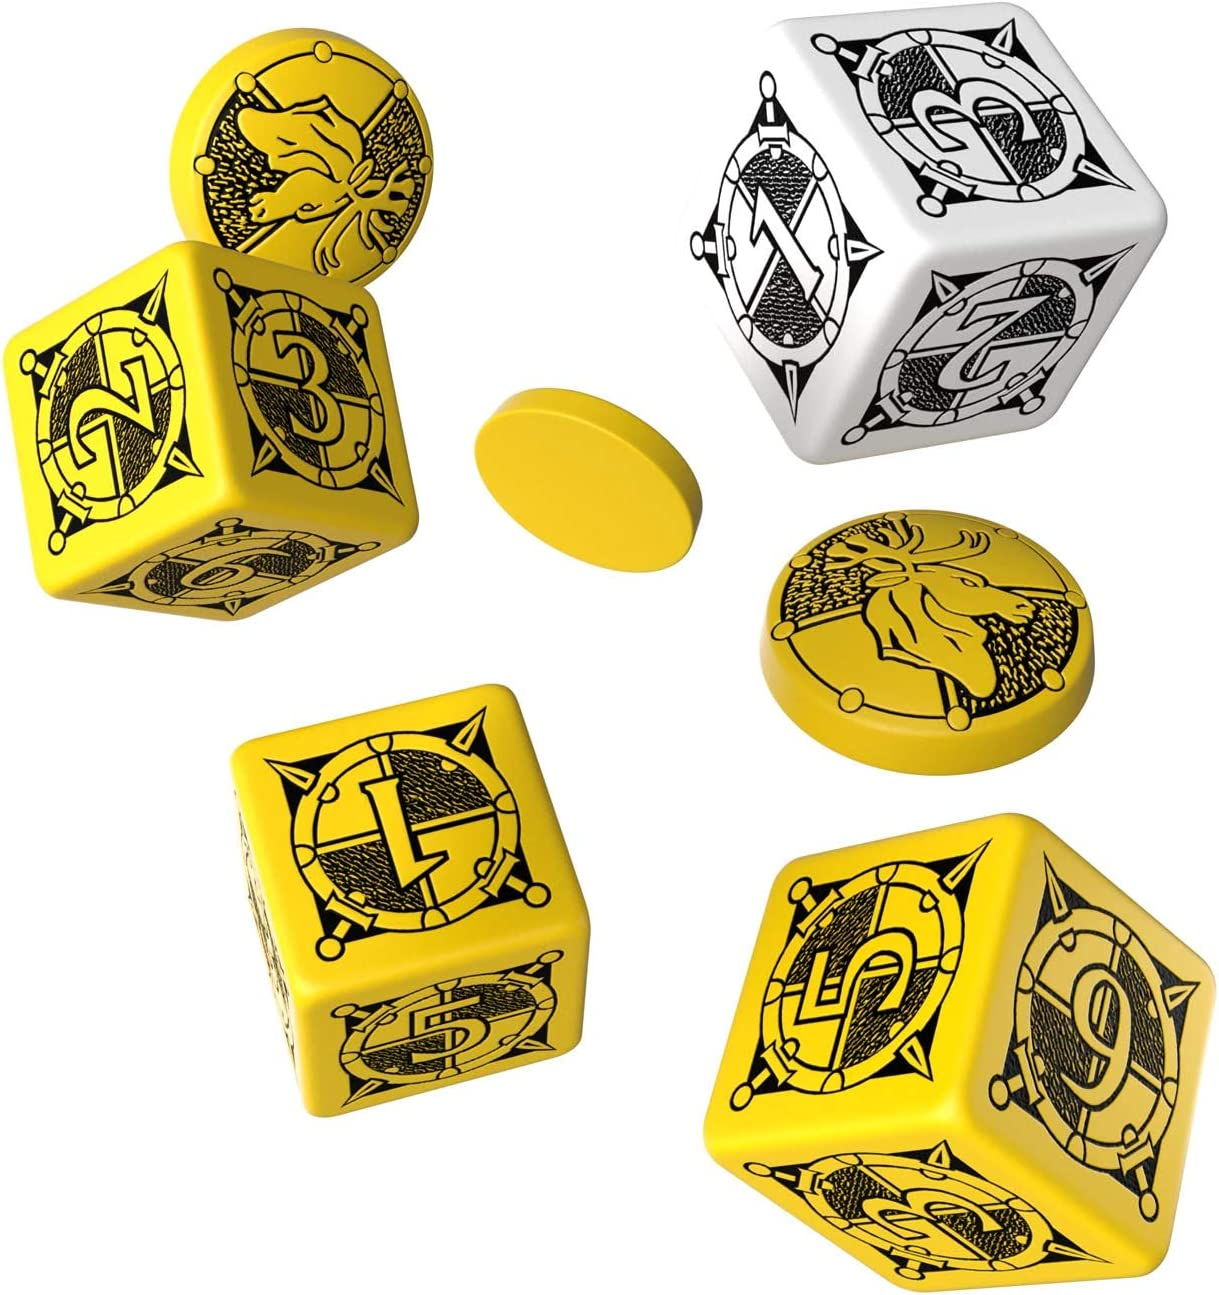 Q-workshop - Juego de fichas (SKIN13) [Importado]: Amazon.es: Juguetes y juegos